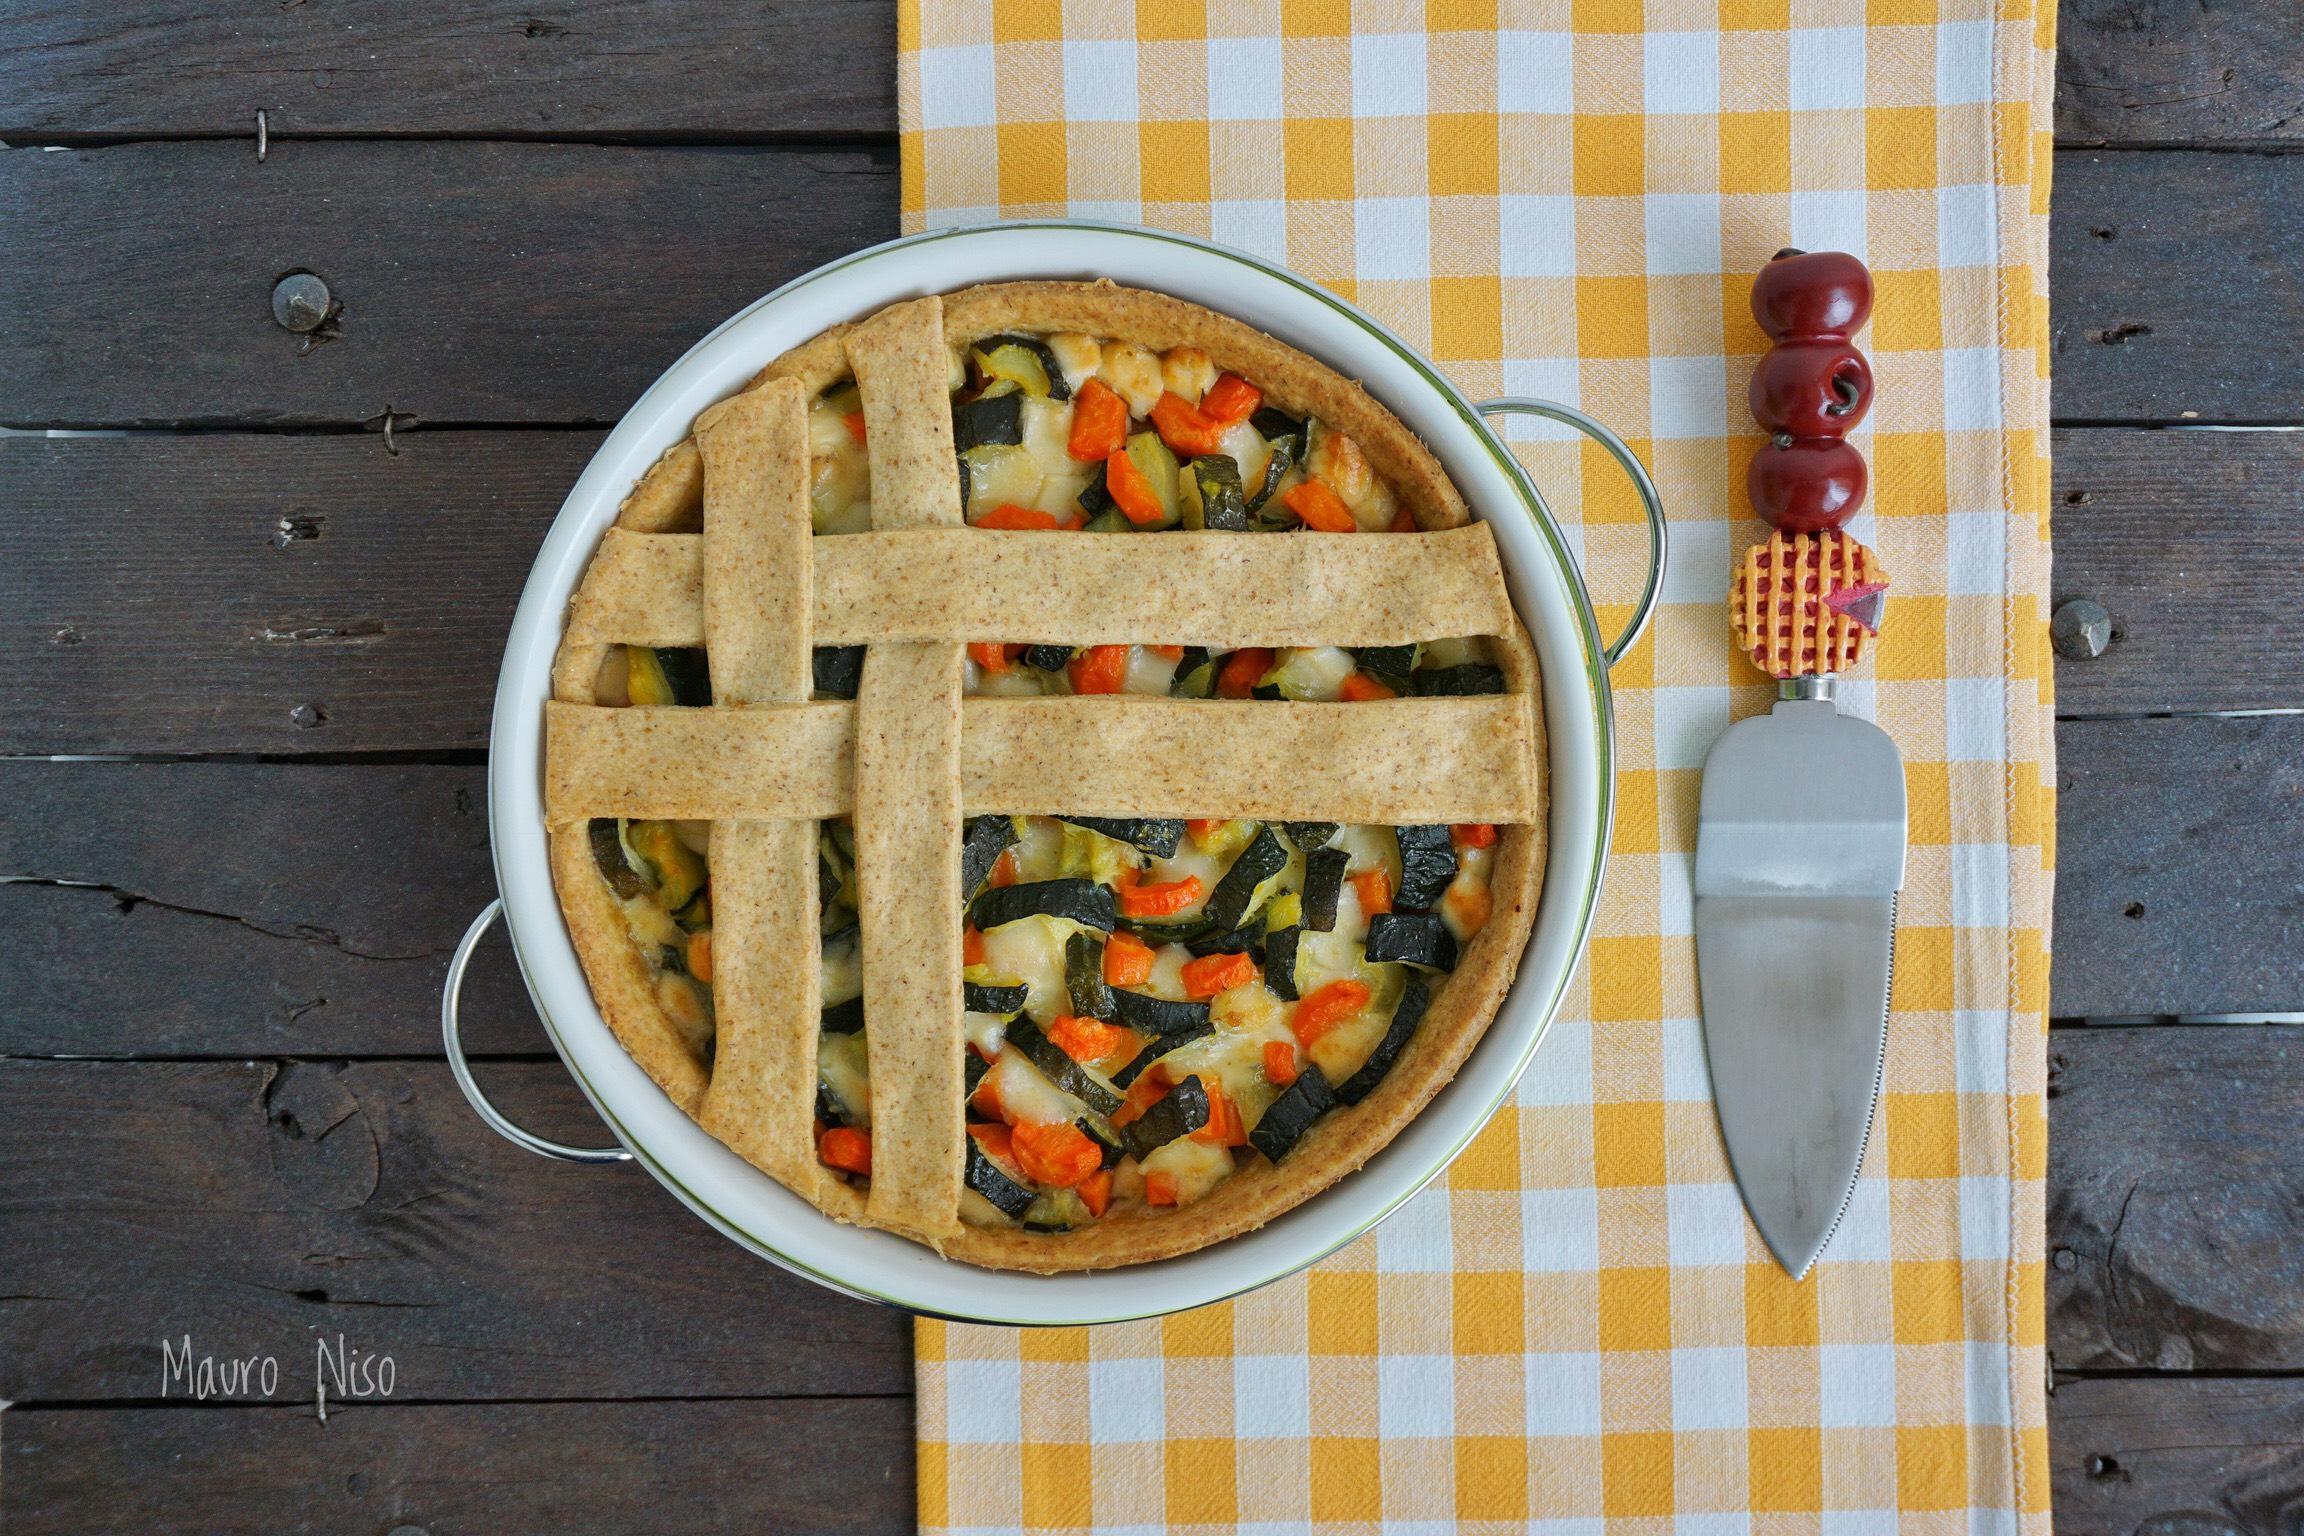 Torta salata con zucchine, carote e provolone